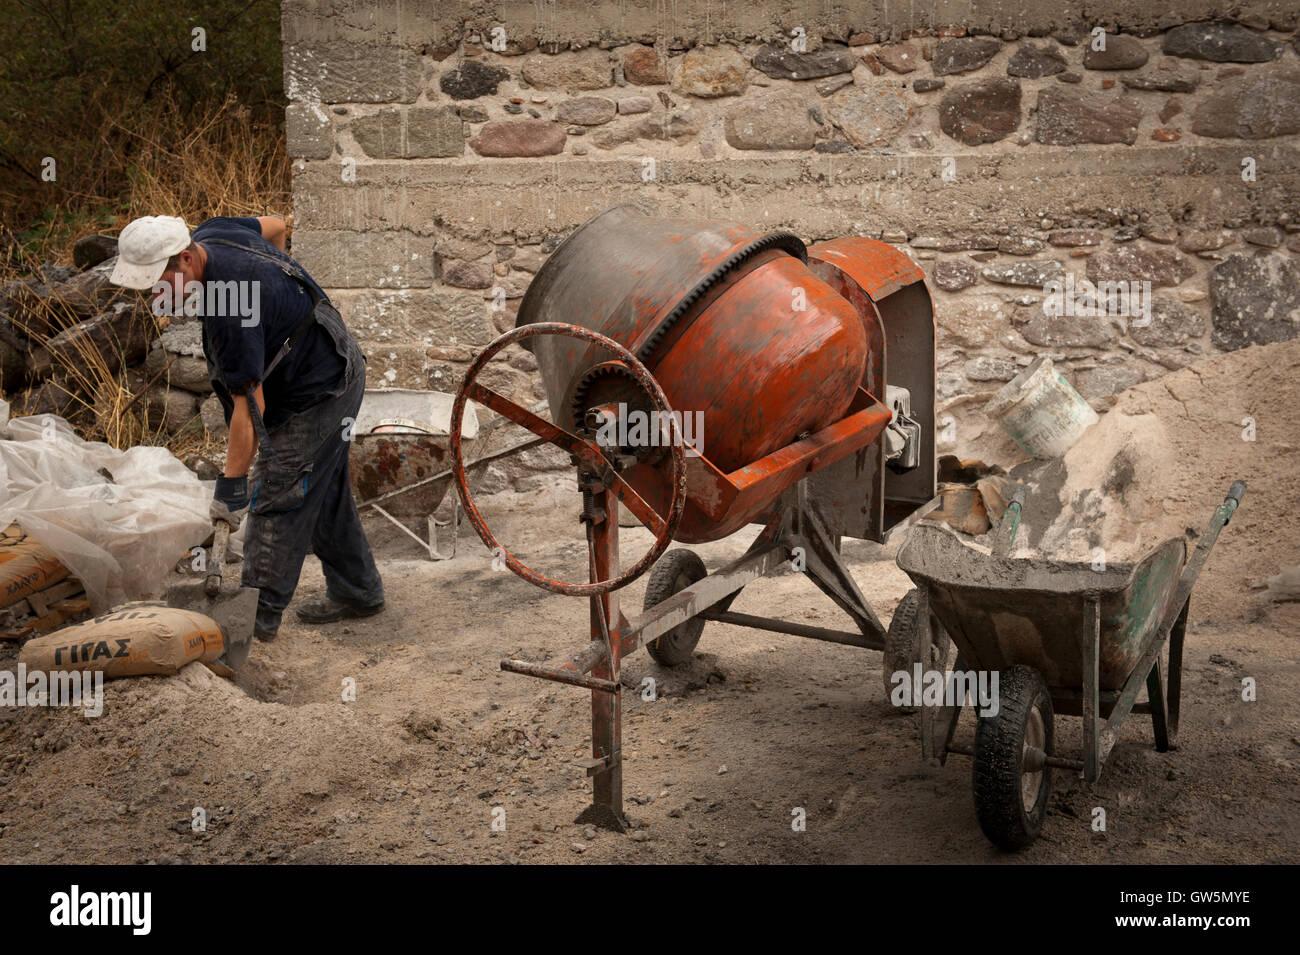 Albanischen Arbeiter mischt Zement auf Stellensuche Bau Reparatur einer Wand in Griechenland Stockfoto